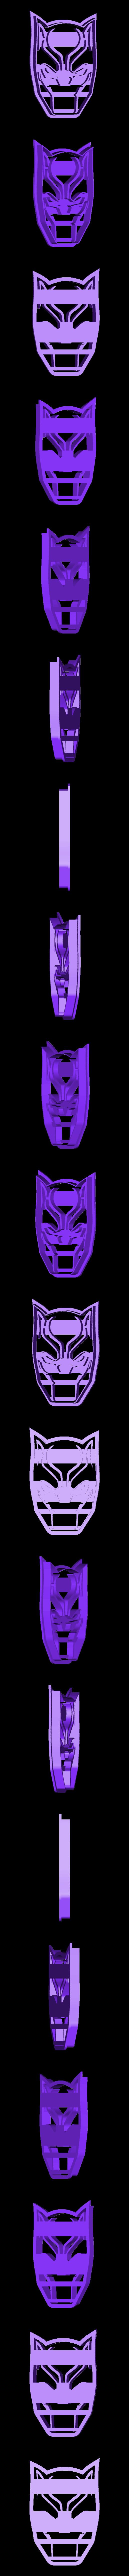 Black Panther.stl Télécharger fichier STL gratuit Coupe-biscuit Panthère noire • Design imprimable en 3D, insua_lucas